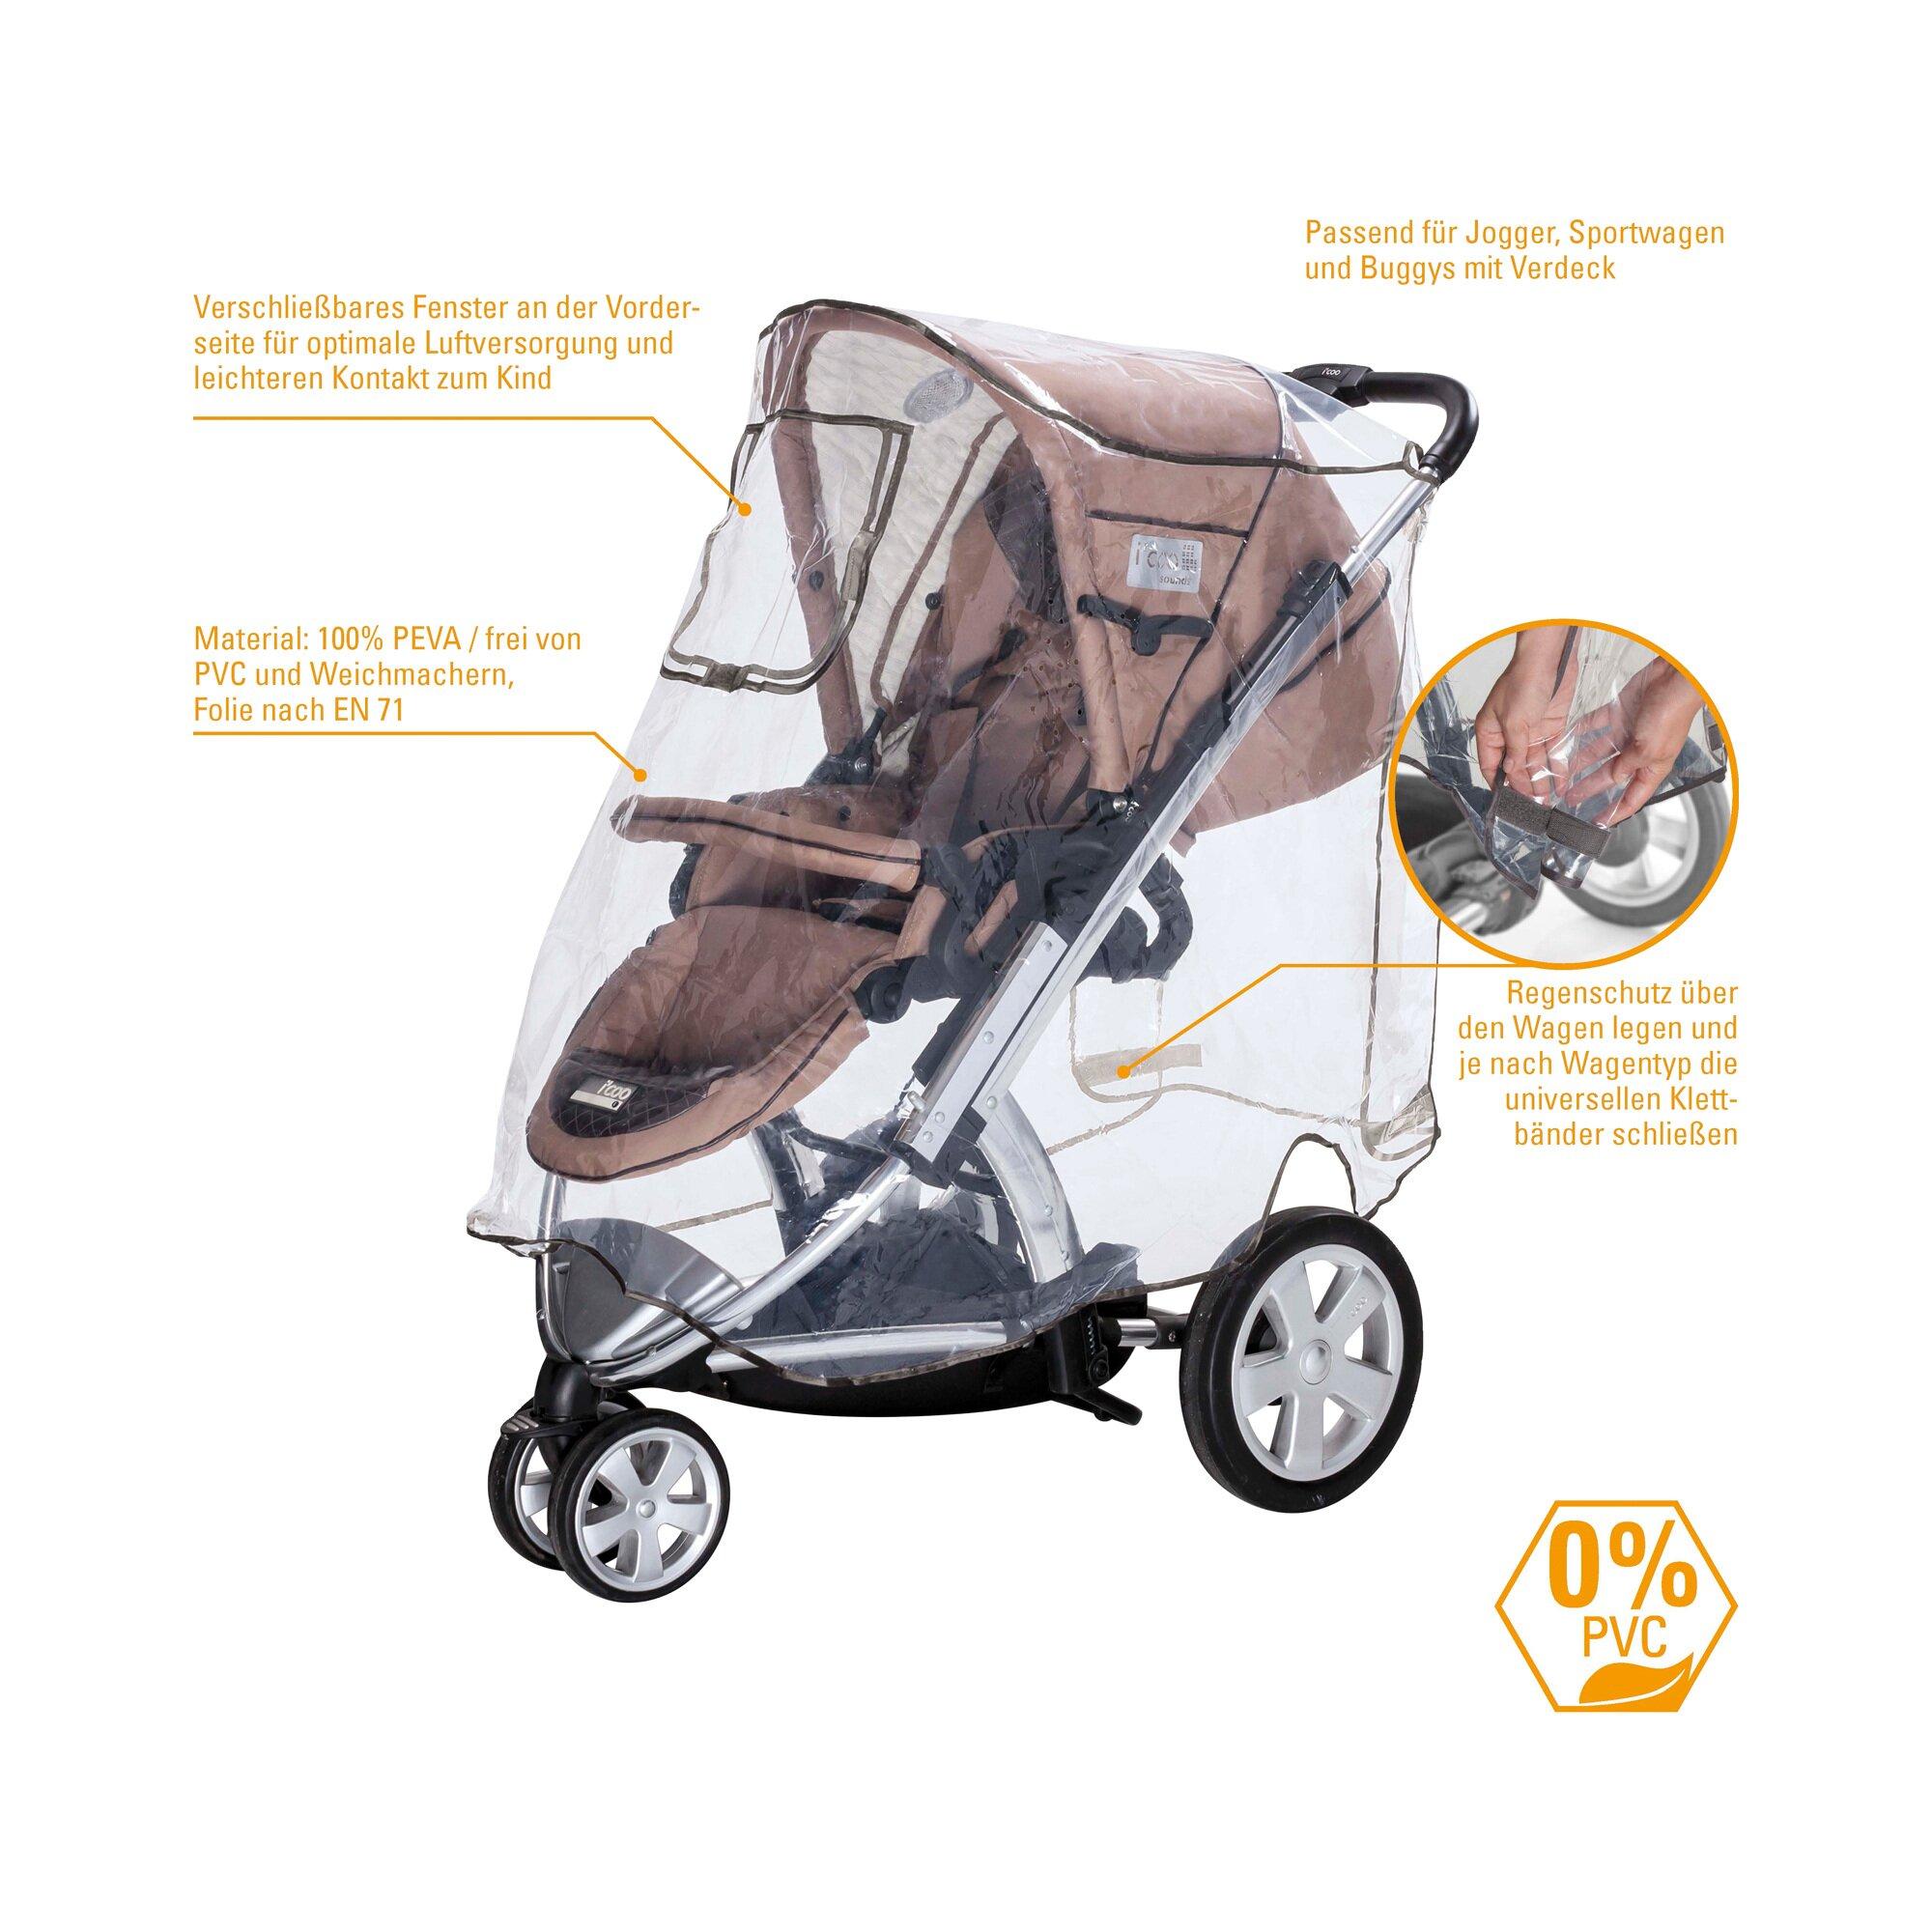 diago-universal-regenschutz-xl-komfort-fur-kinderwagen-jogger-kinderwagen-sportwagen-buggy-transparent